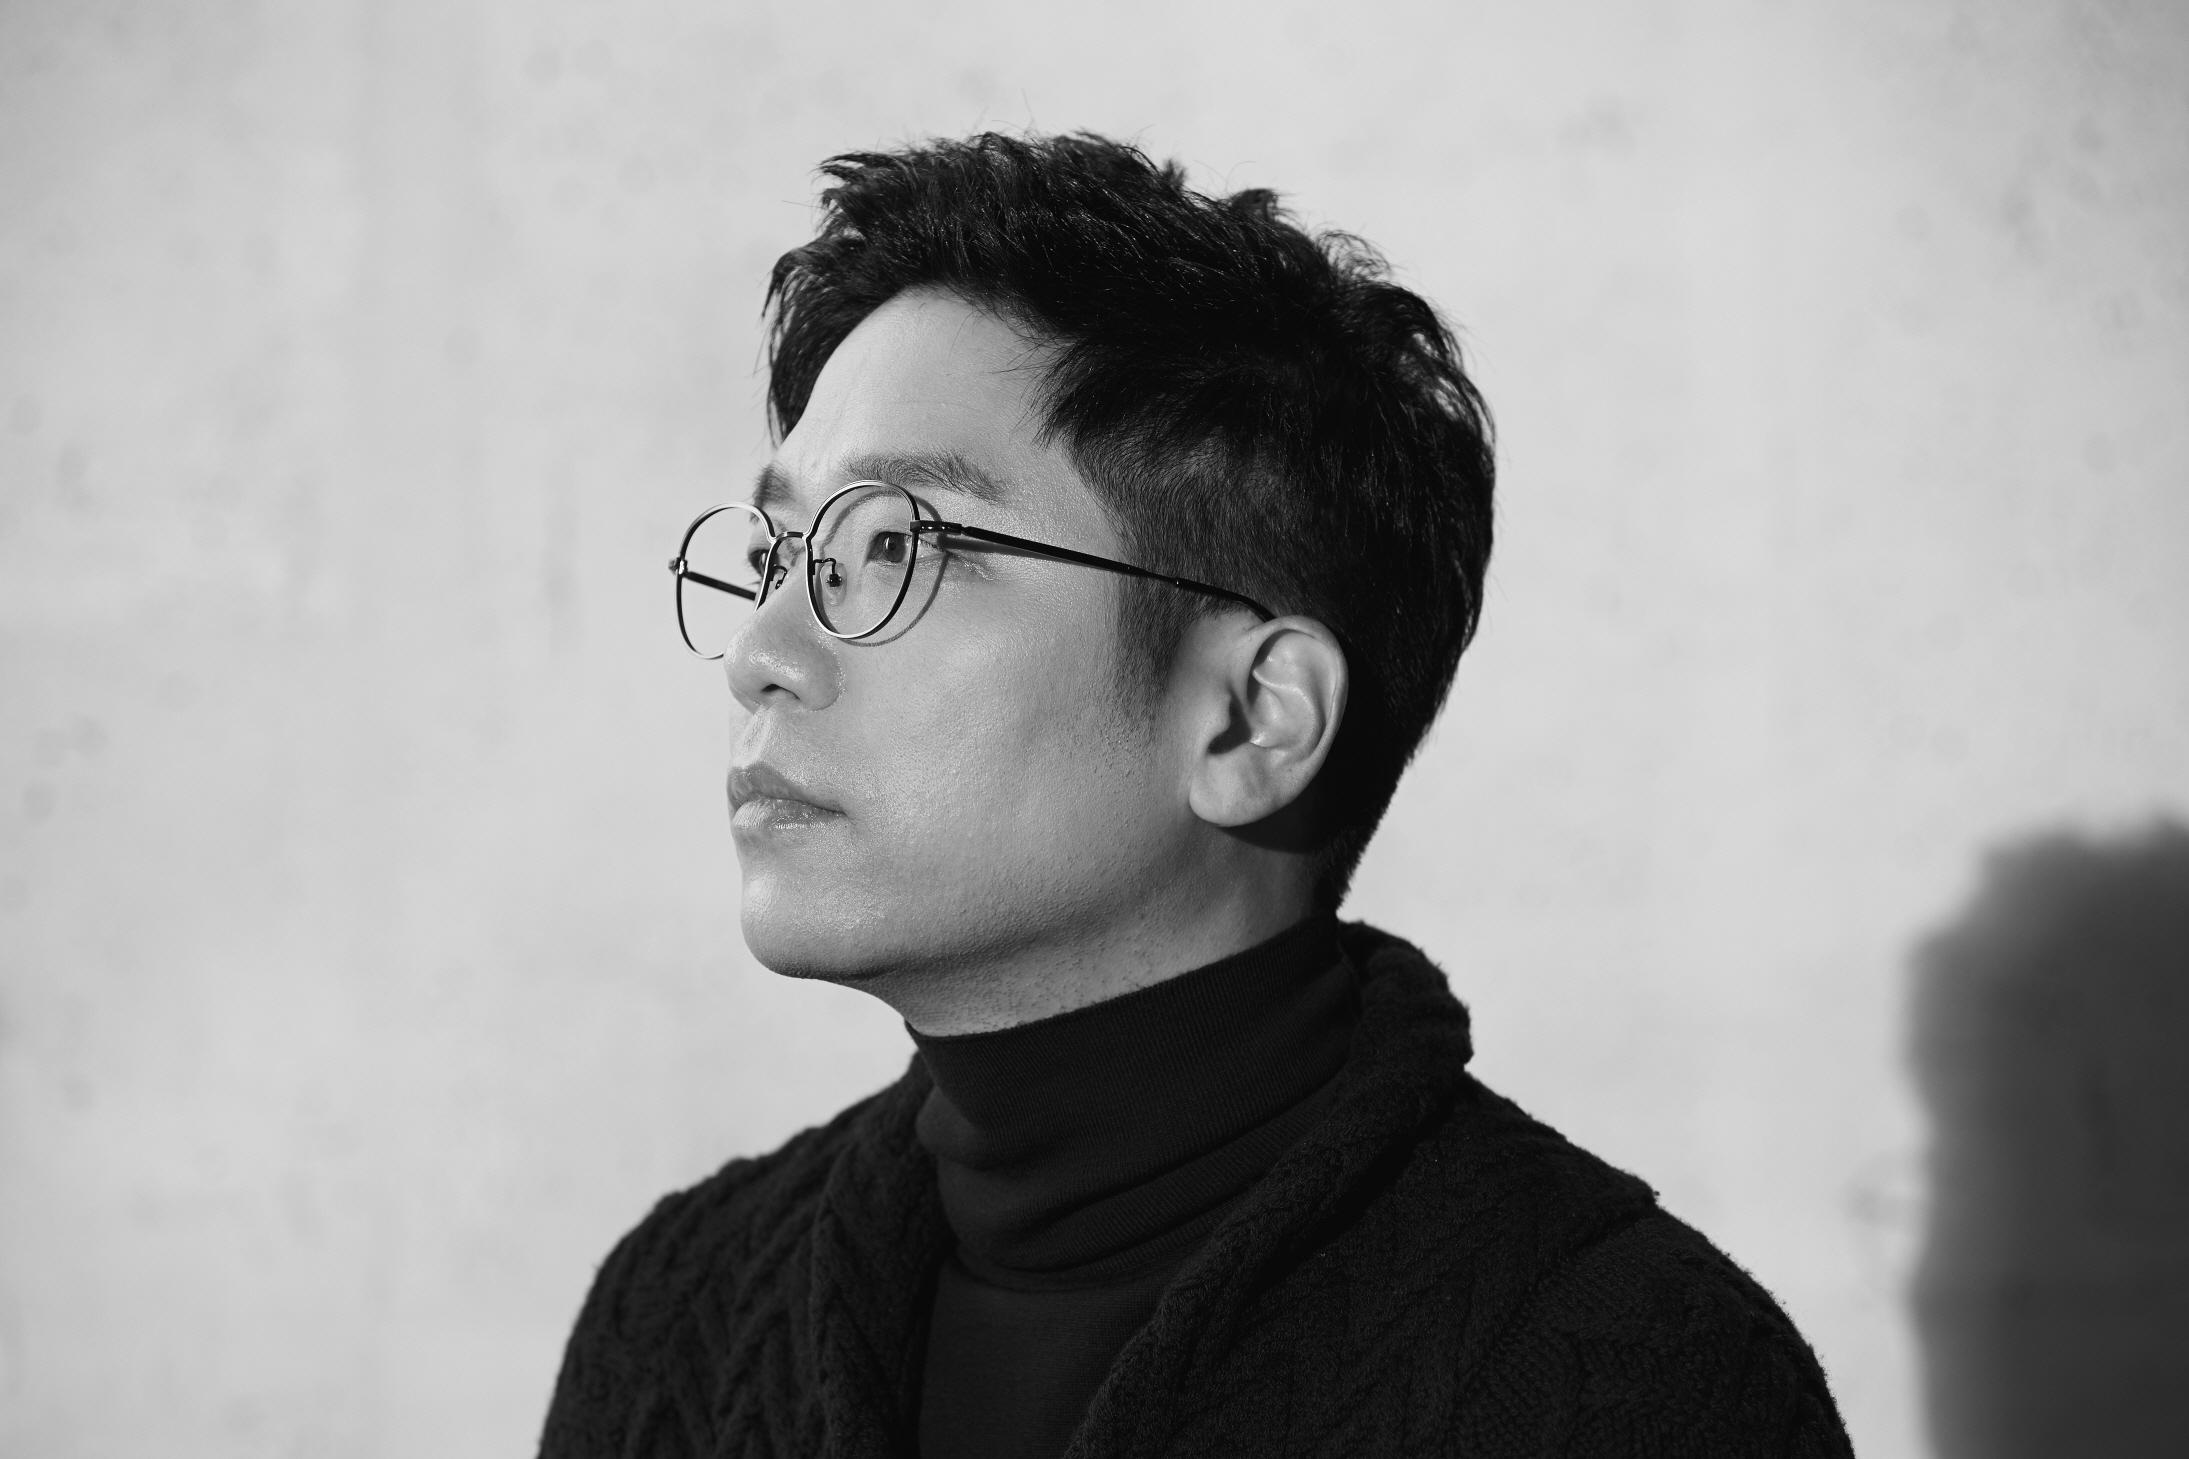 """'믿고 듣는' 이적, 오는 22일 '흔적 part 2' 발표 """"15개월 여 만의 신곡"""""""